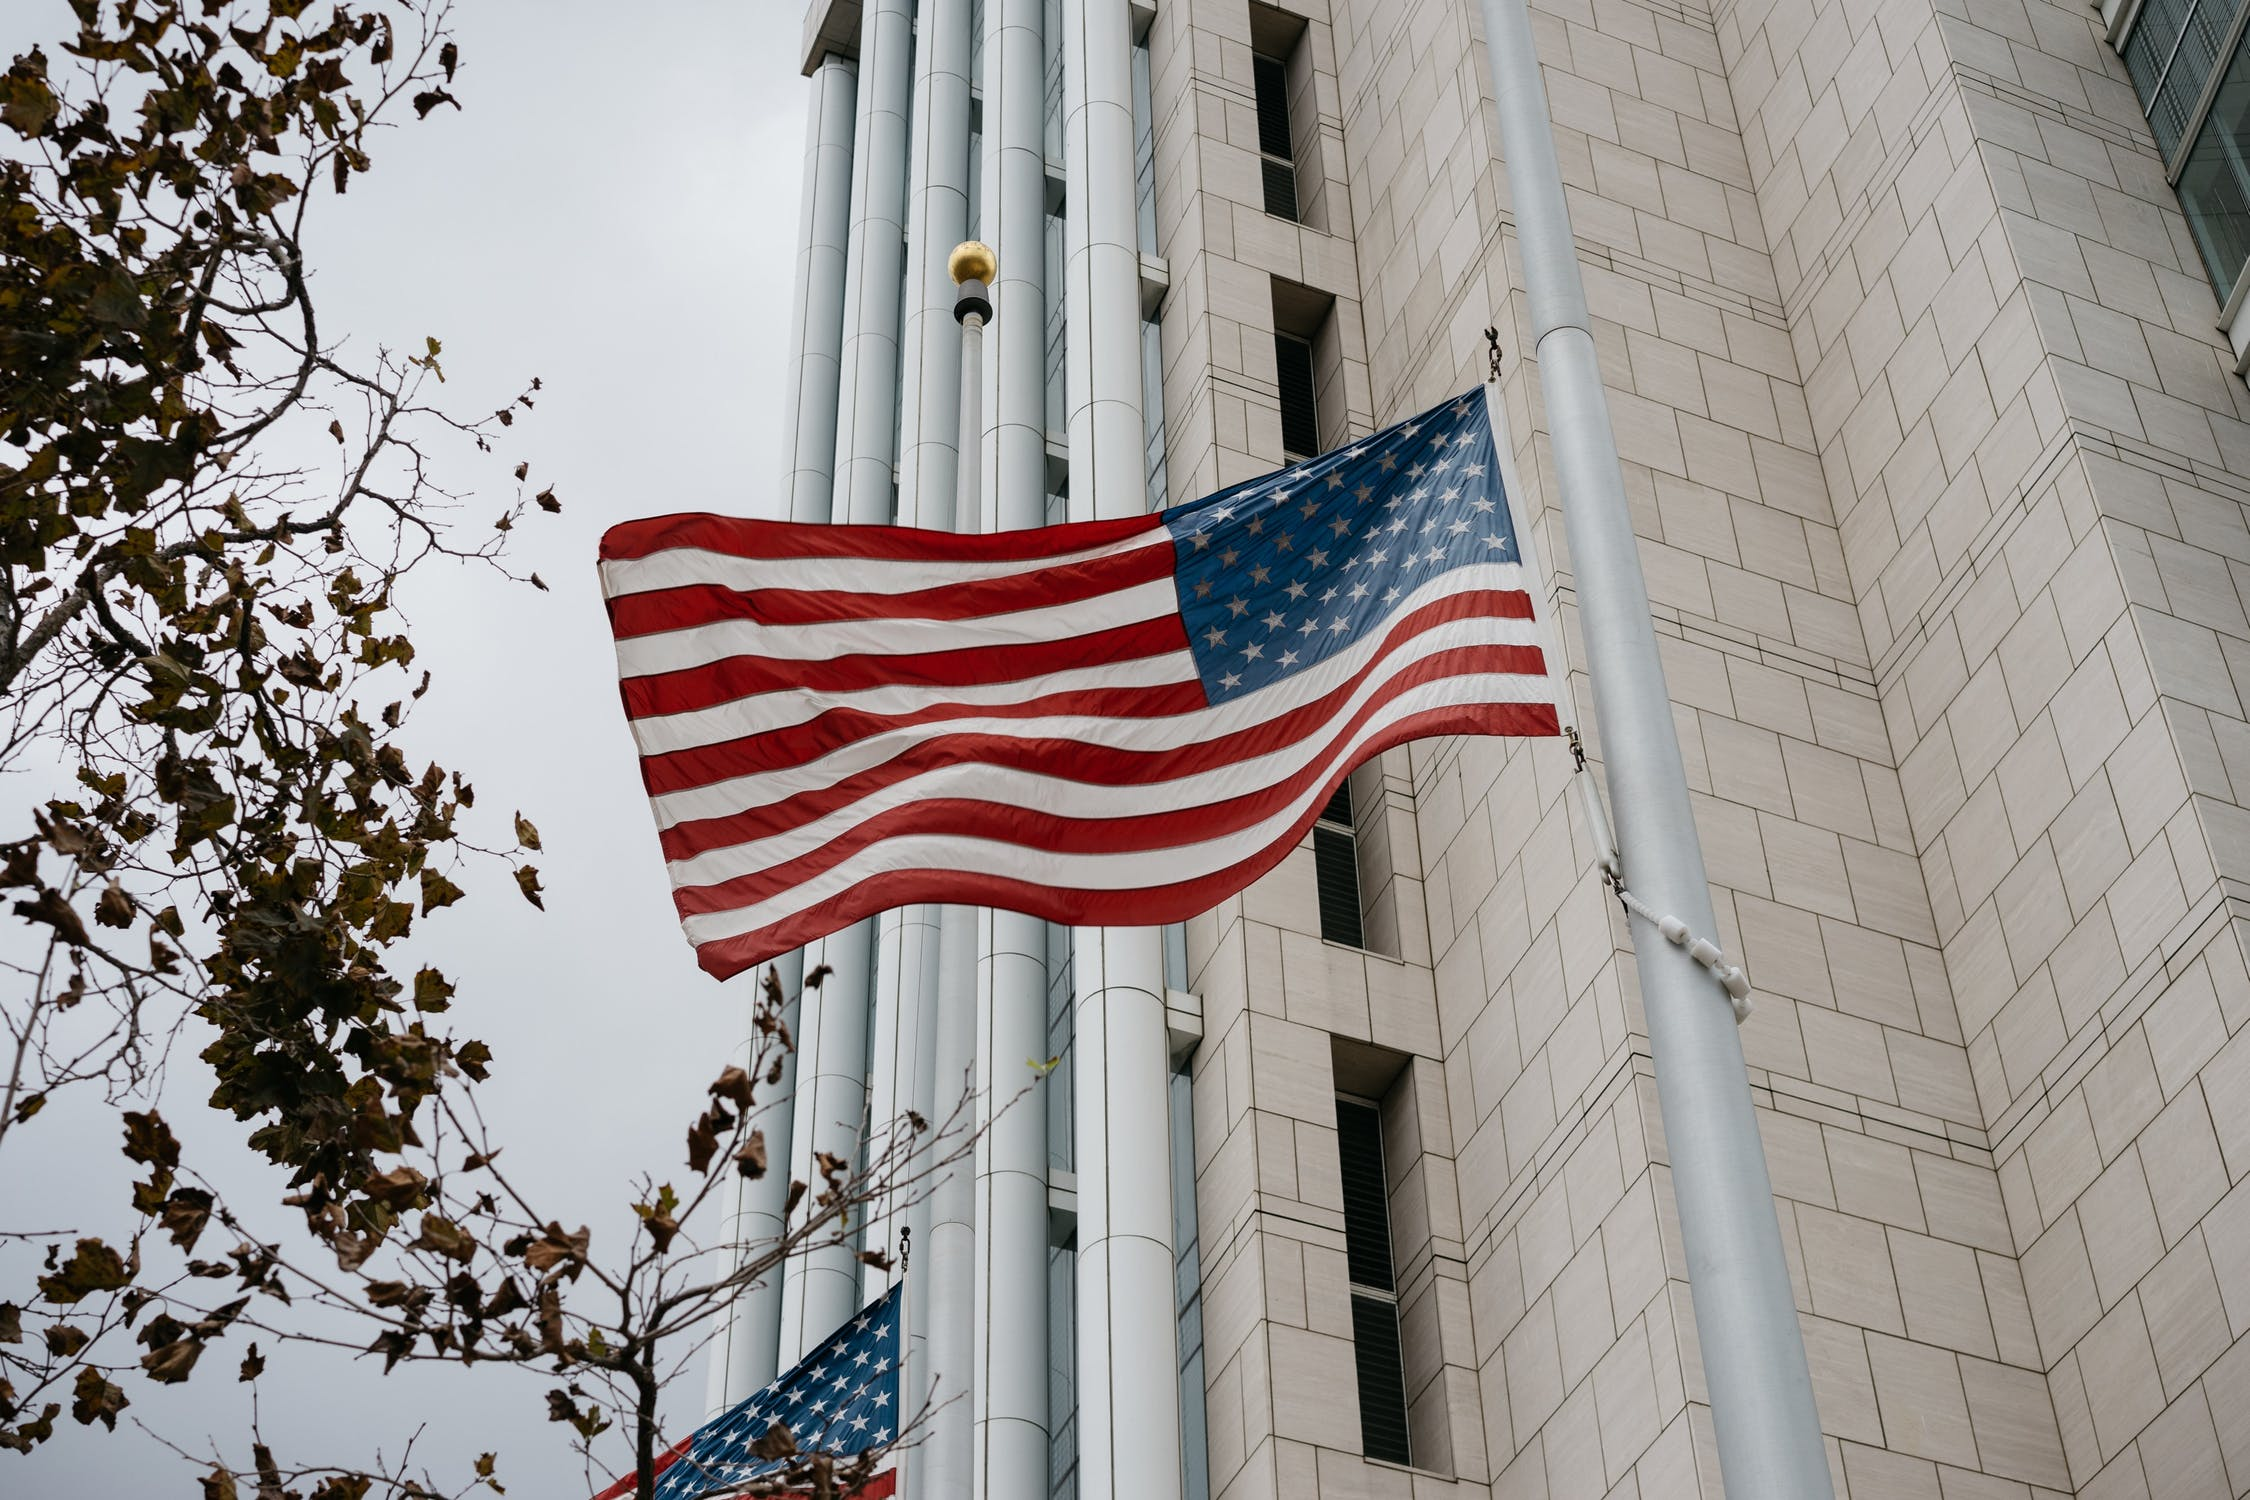 L1签证者可获得哪些美国政策